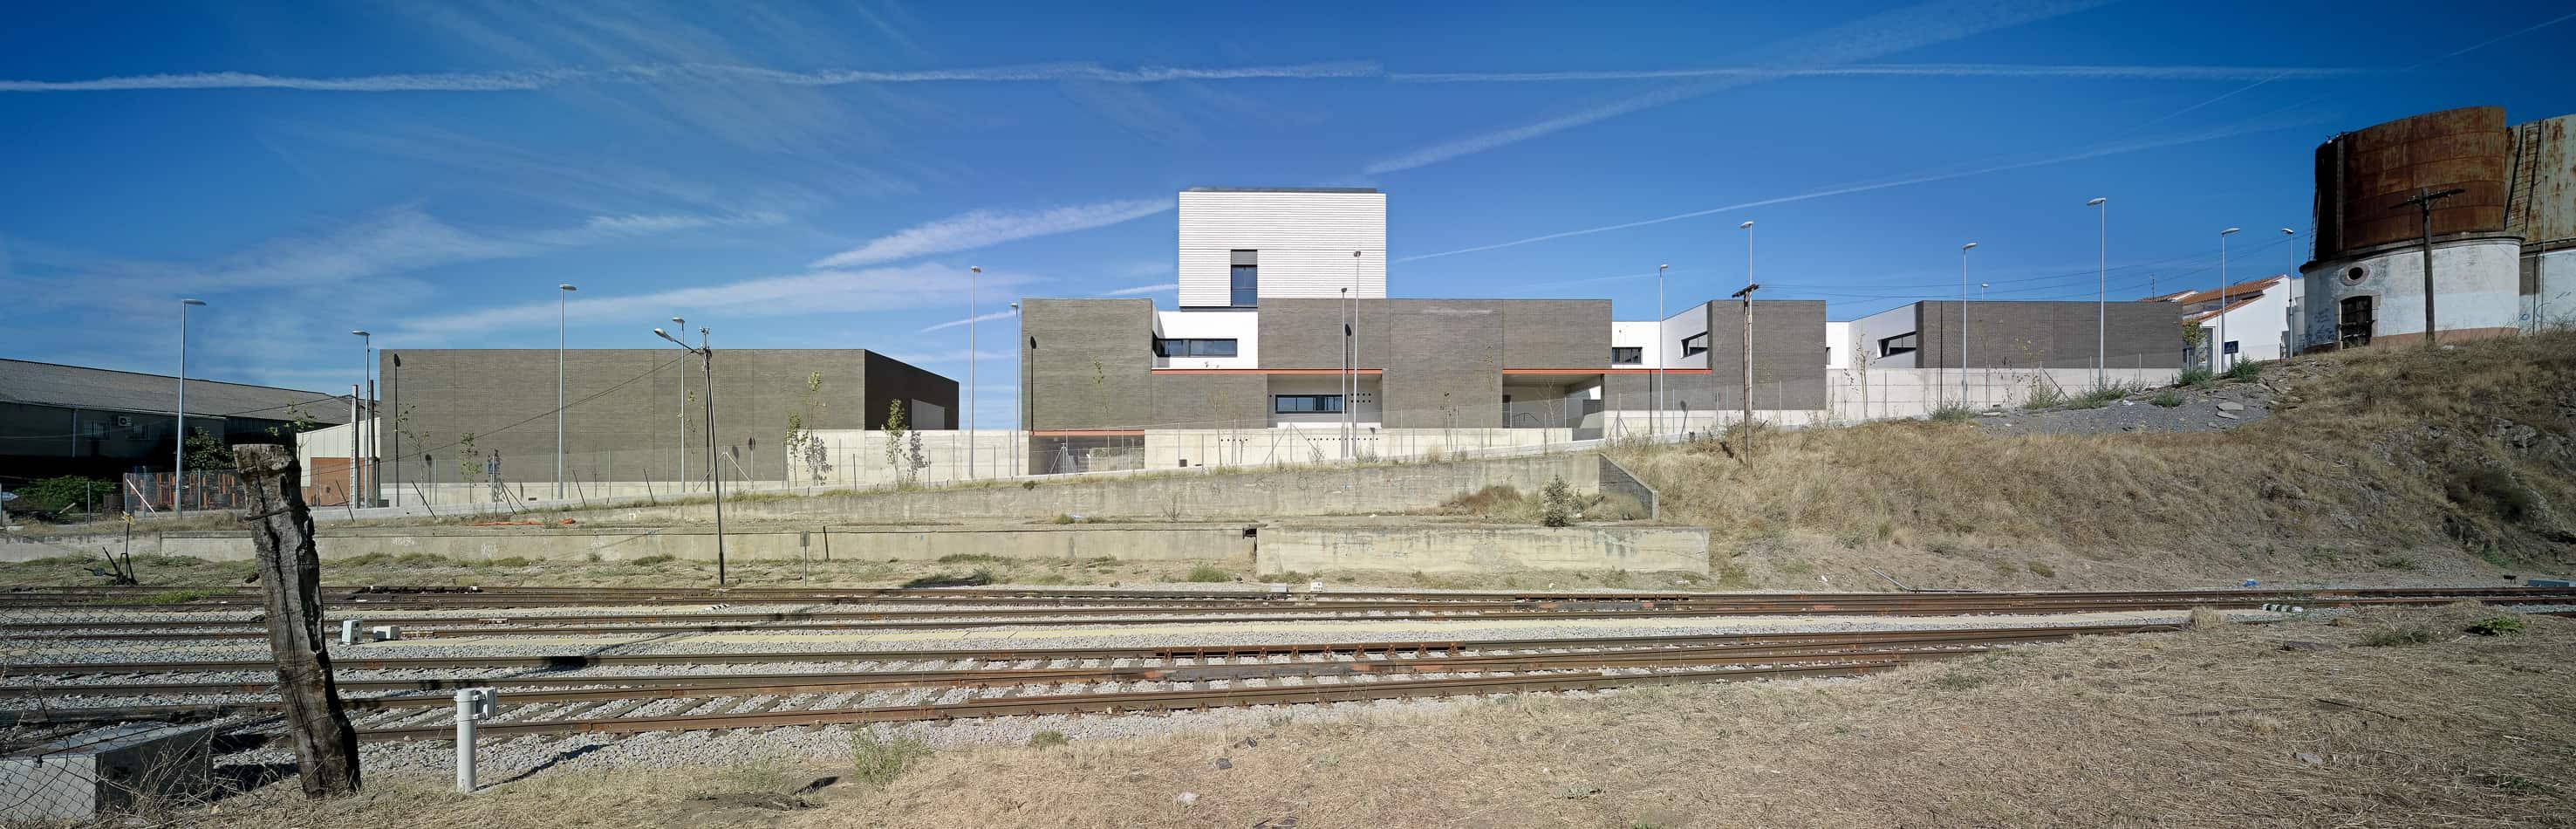 IES PLASENCIA - arquitectura escolar - LANDINEZ+REY | equipo L2G arquitectos, slp [ eL2Gaa ] - arquitectura escolar